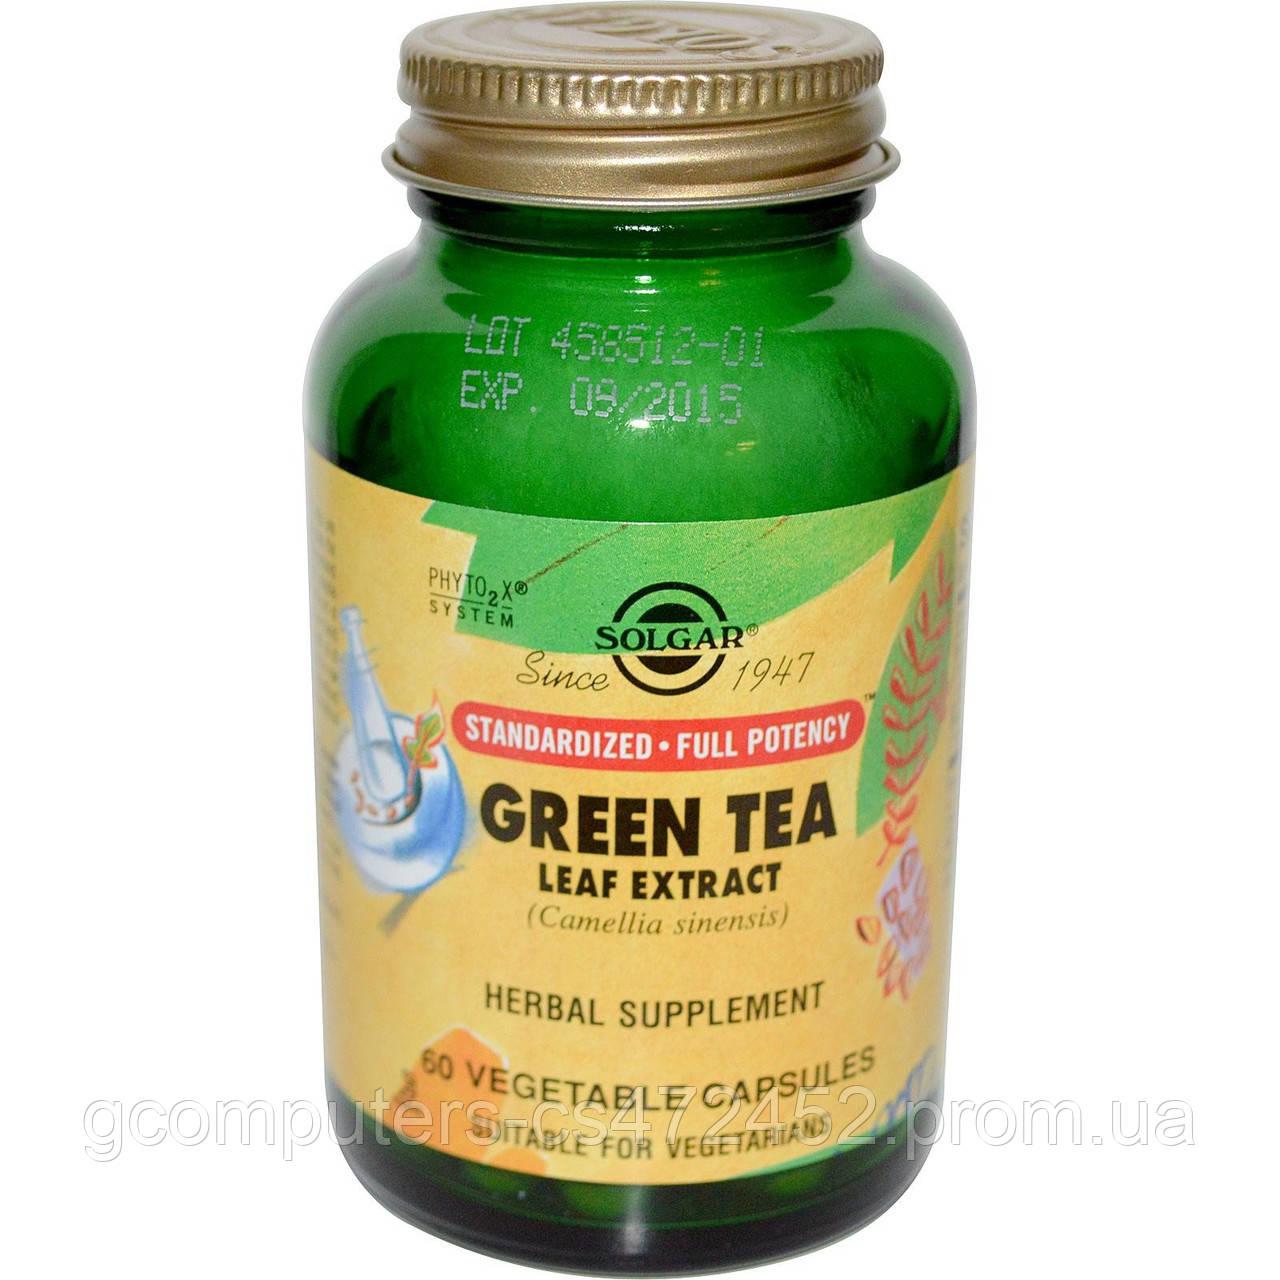 самый эффективный чай для похудения